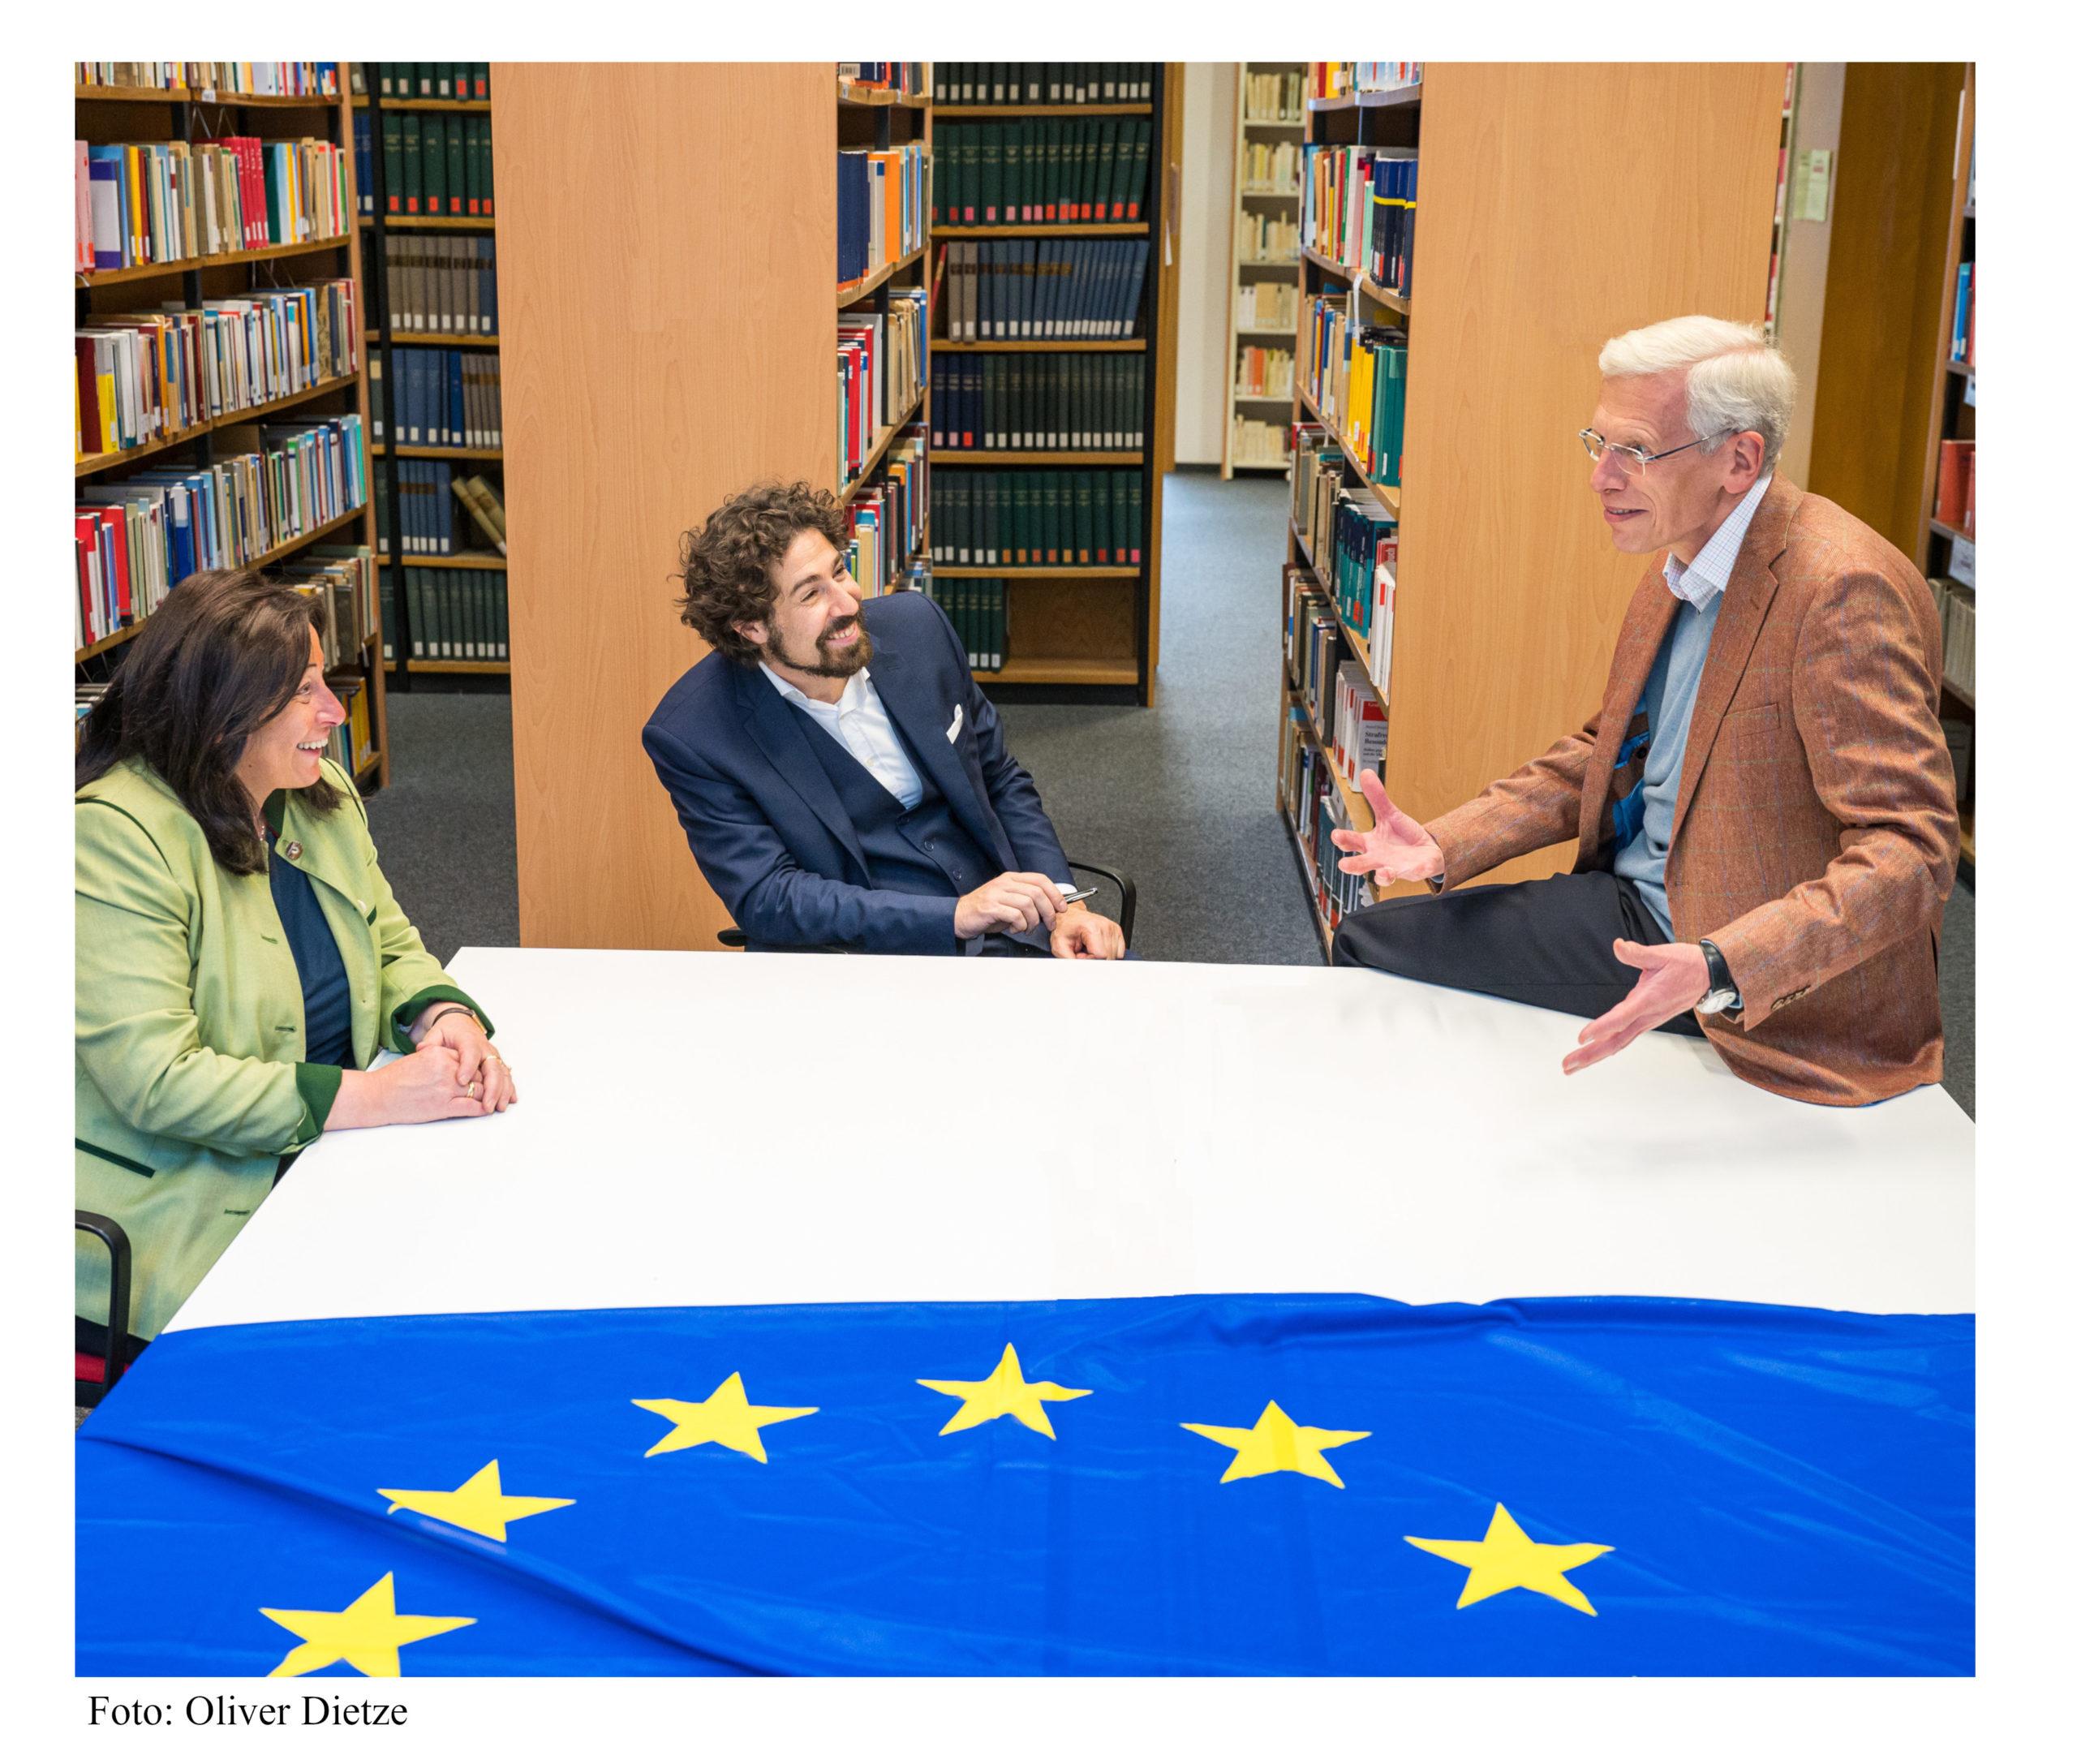 Der Vorstand des RZE, bestehend aus den Professoren Chiusi, Cossalter und Giegerich, unterhält sich angeregt